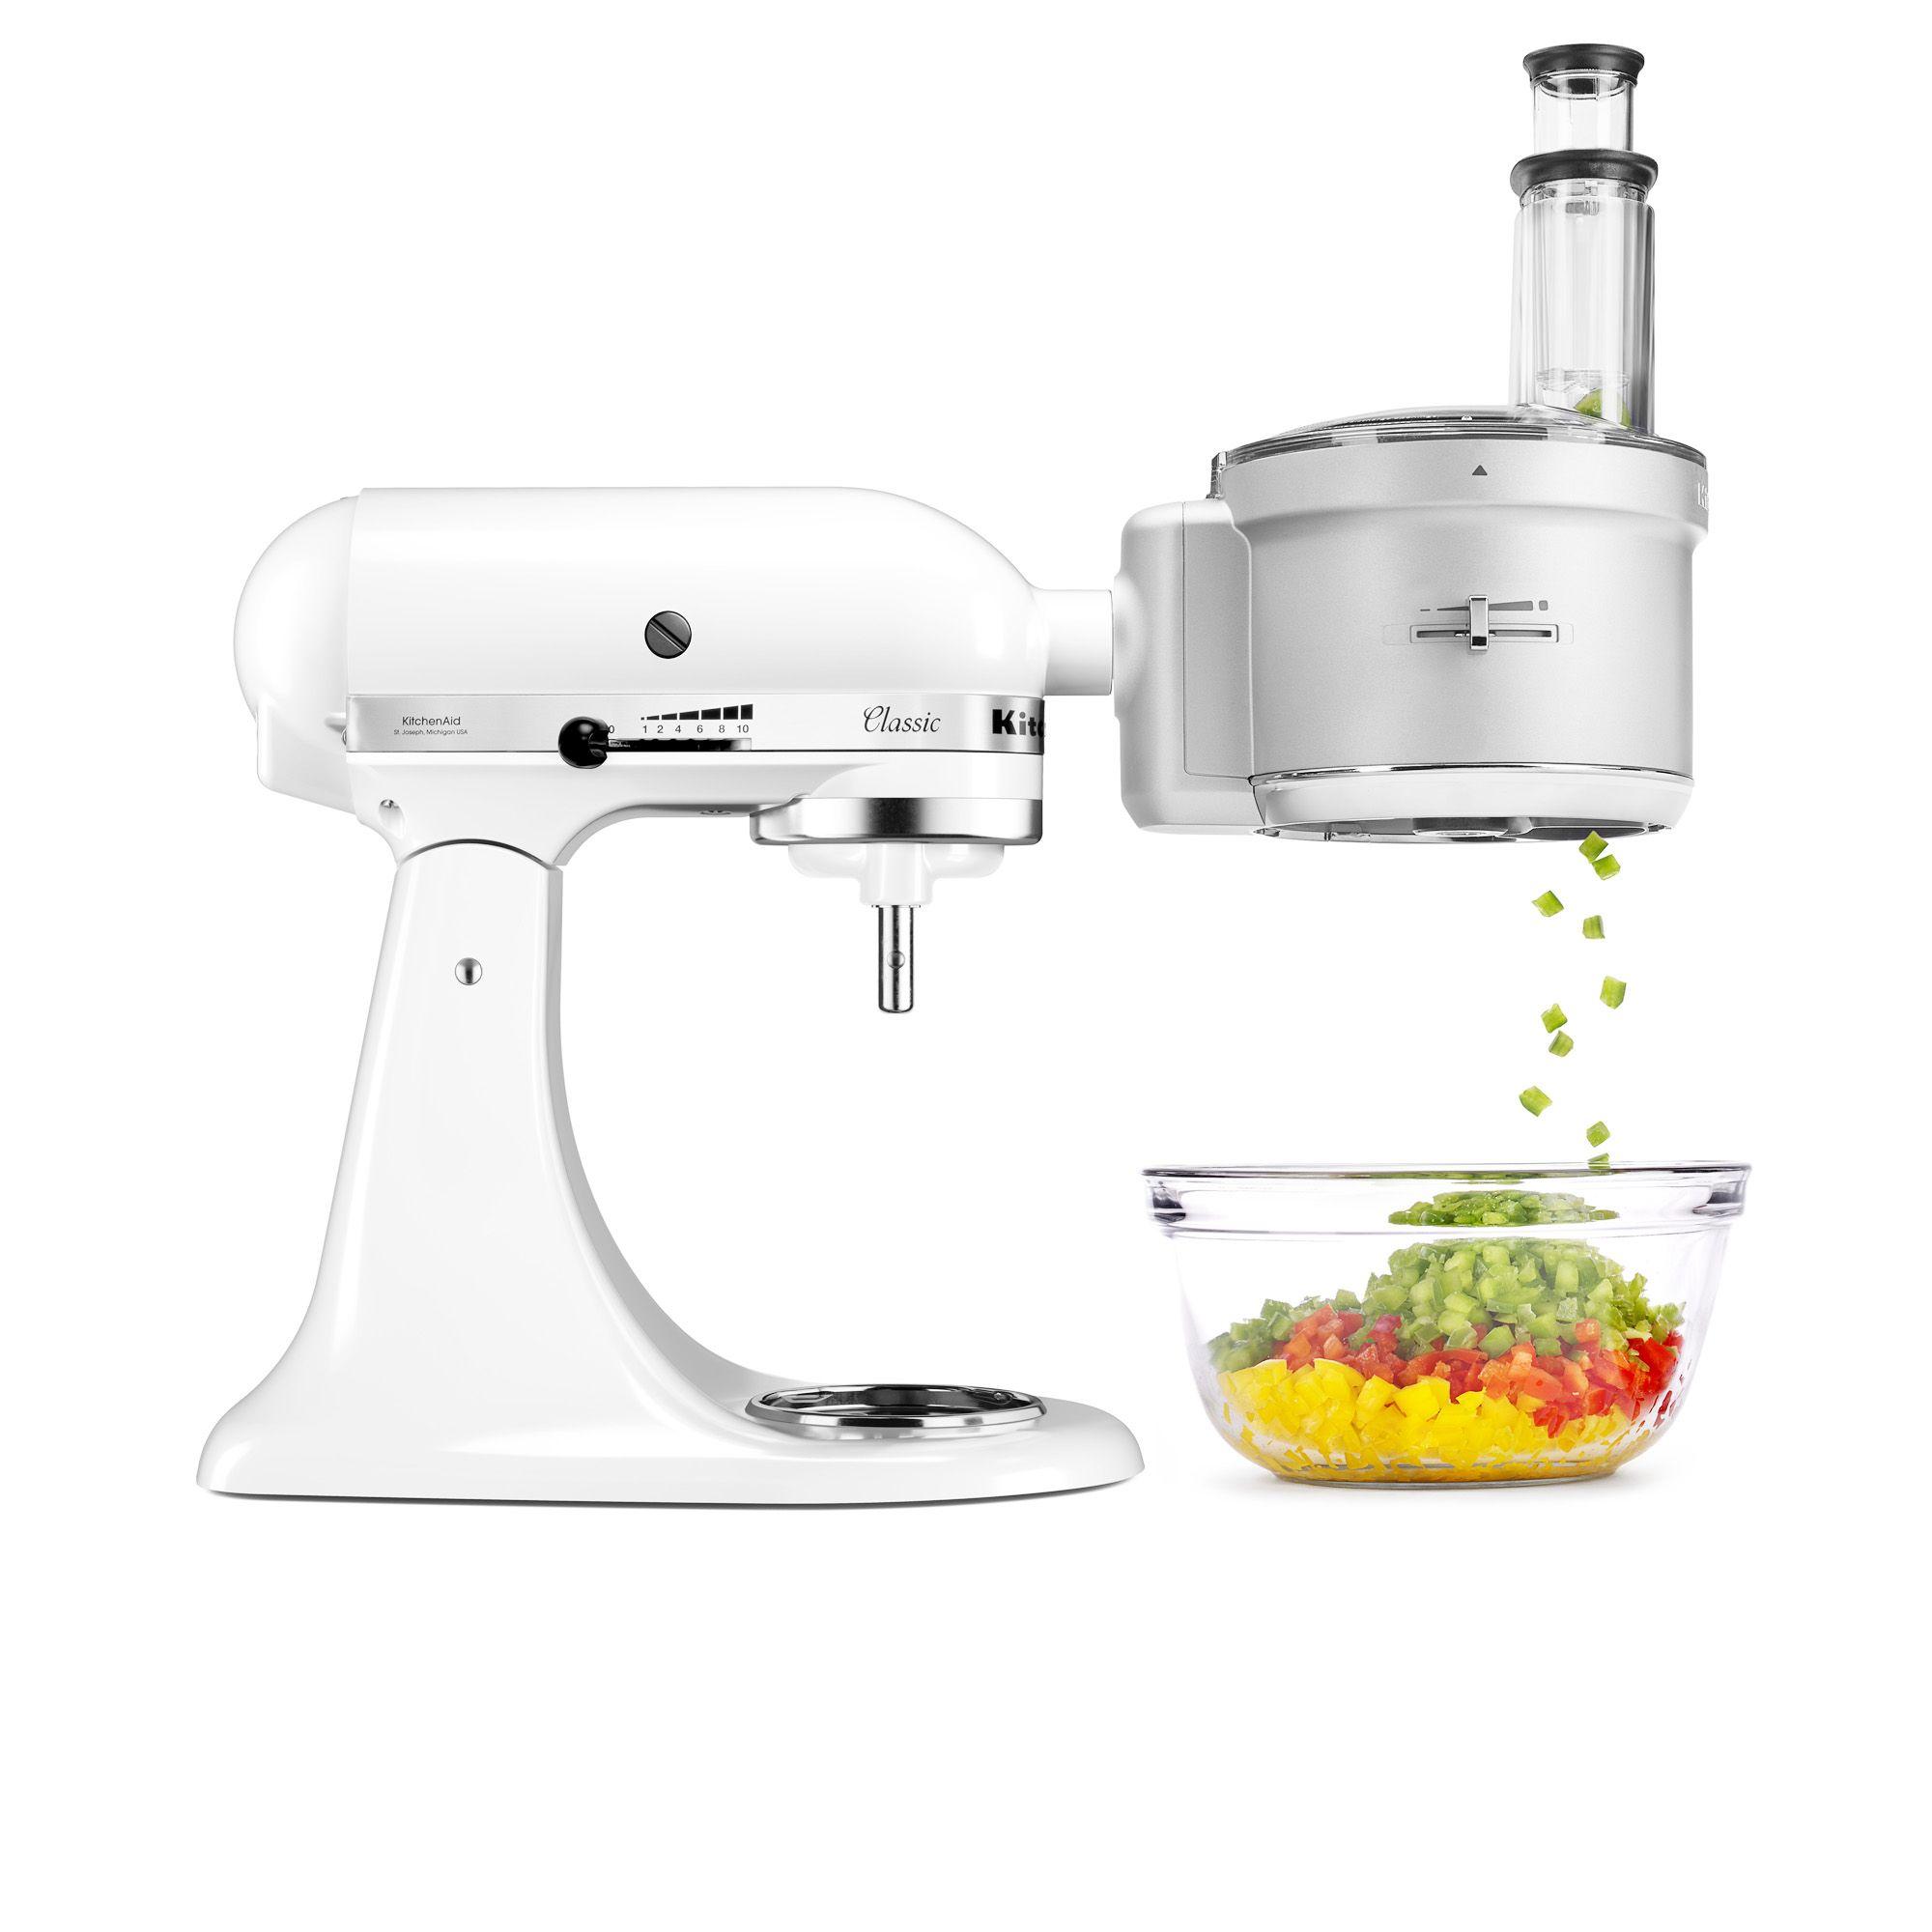 Kitchenaid accessorio food processor per robot da cucina qvc italia - Qvc marchi cucina ...